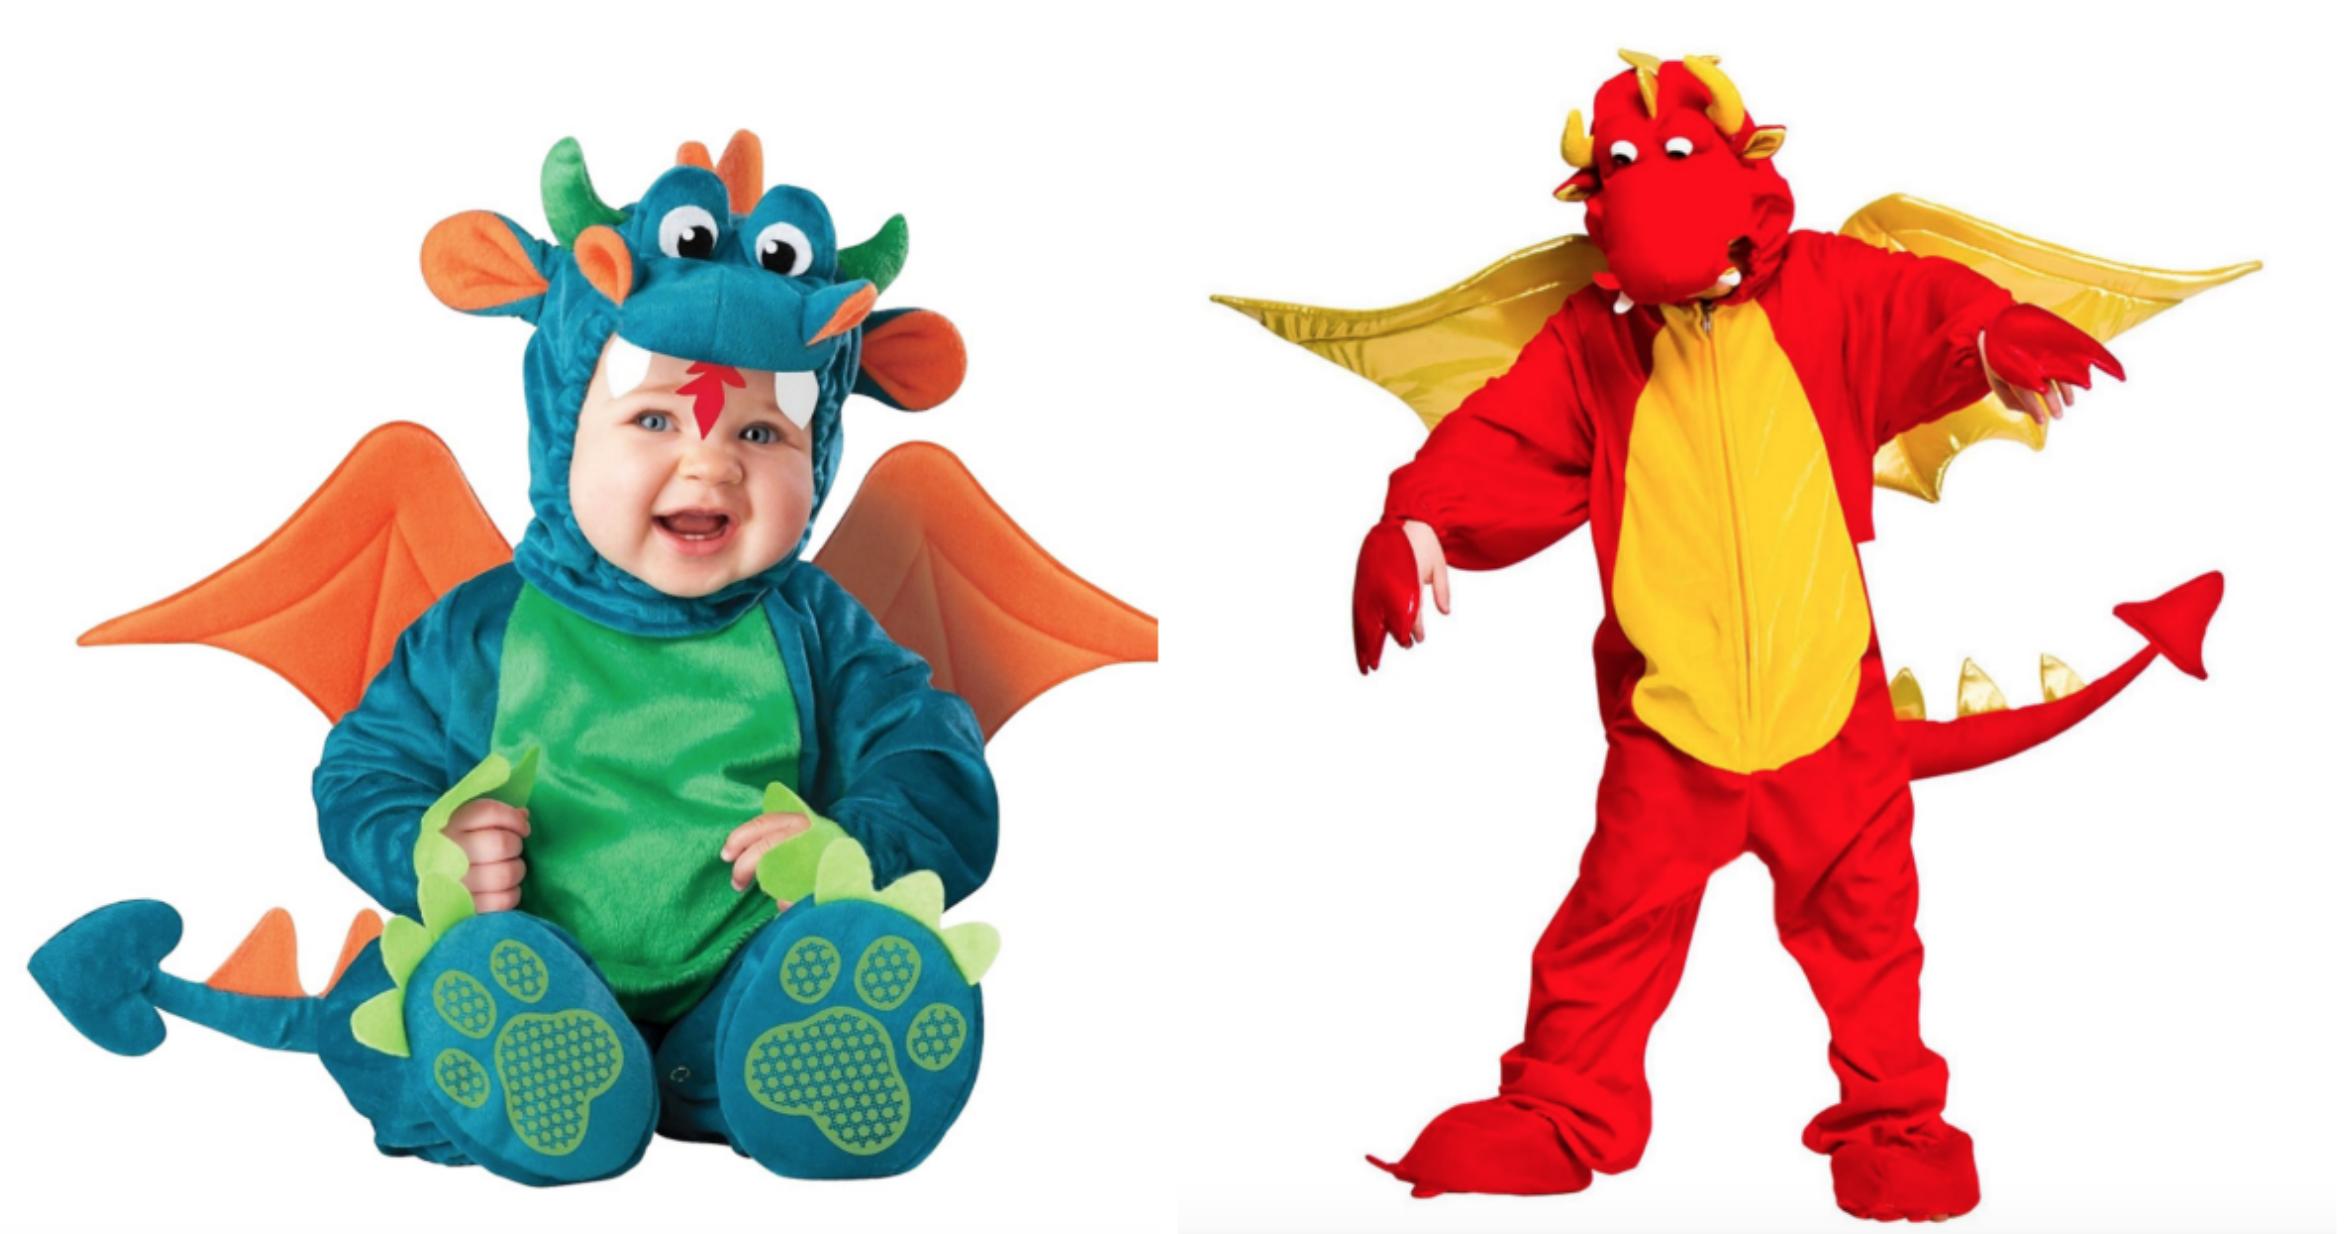 Drage Kostume Til Børn Og Baby Kostumeuniverset